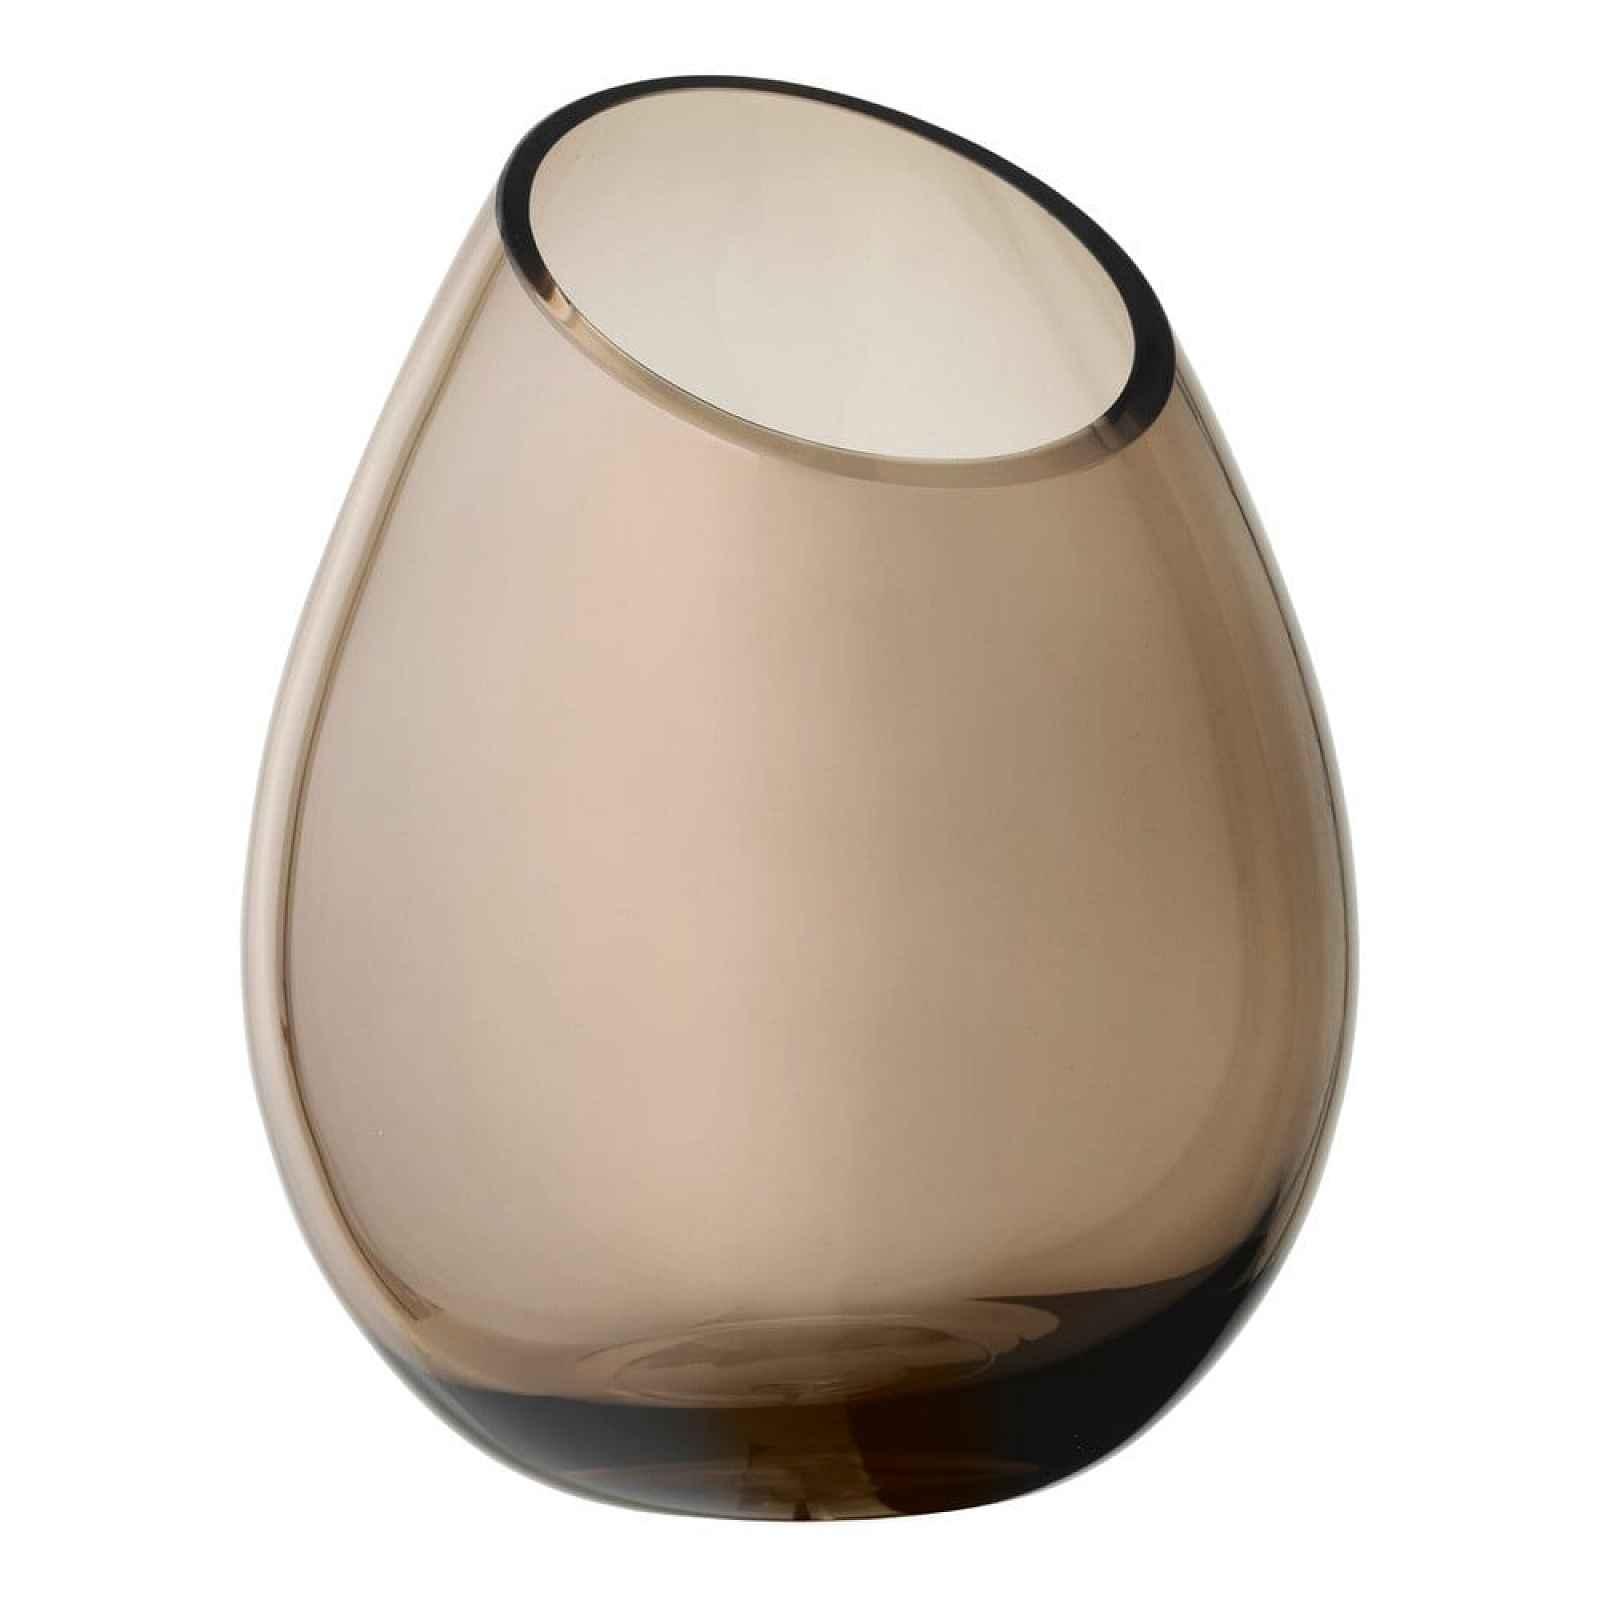 Hnědá skleněná váza Blomus Raindrop,výška24cm